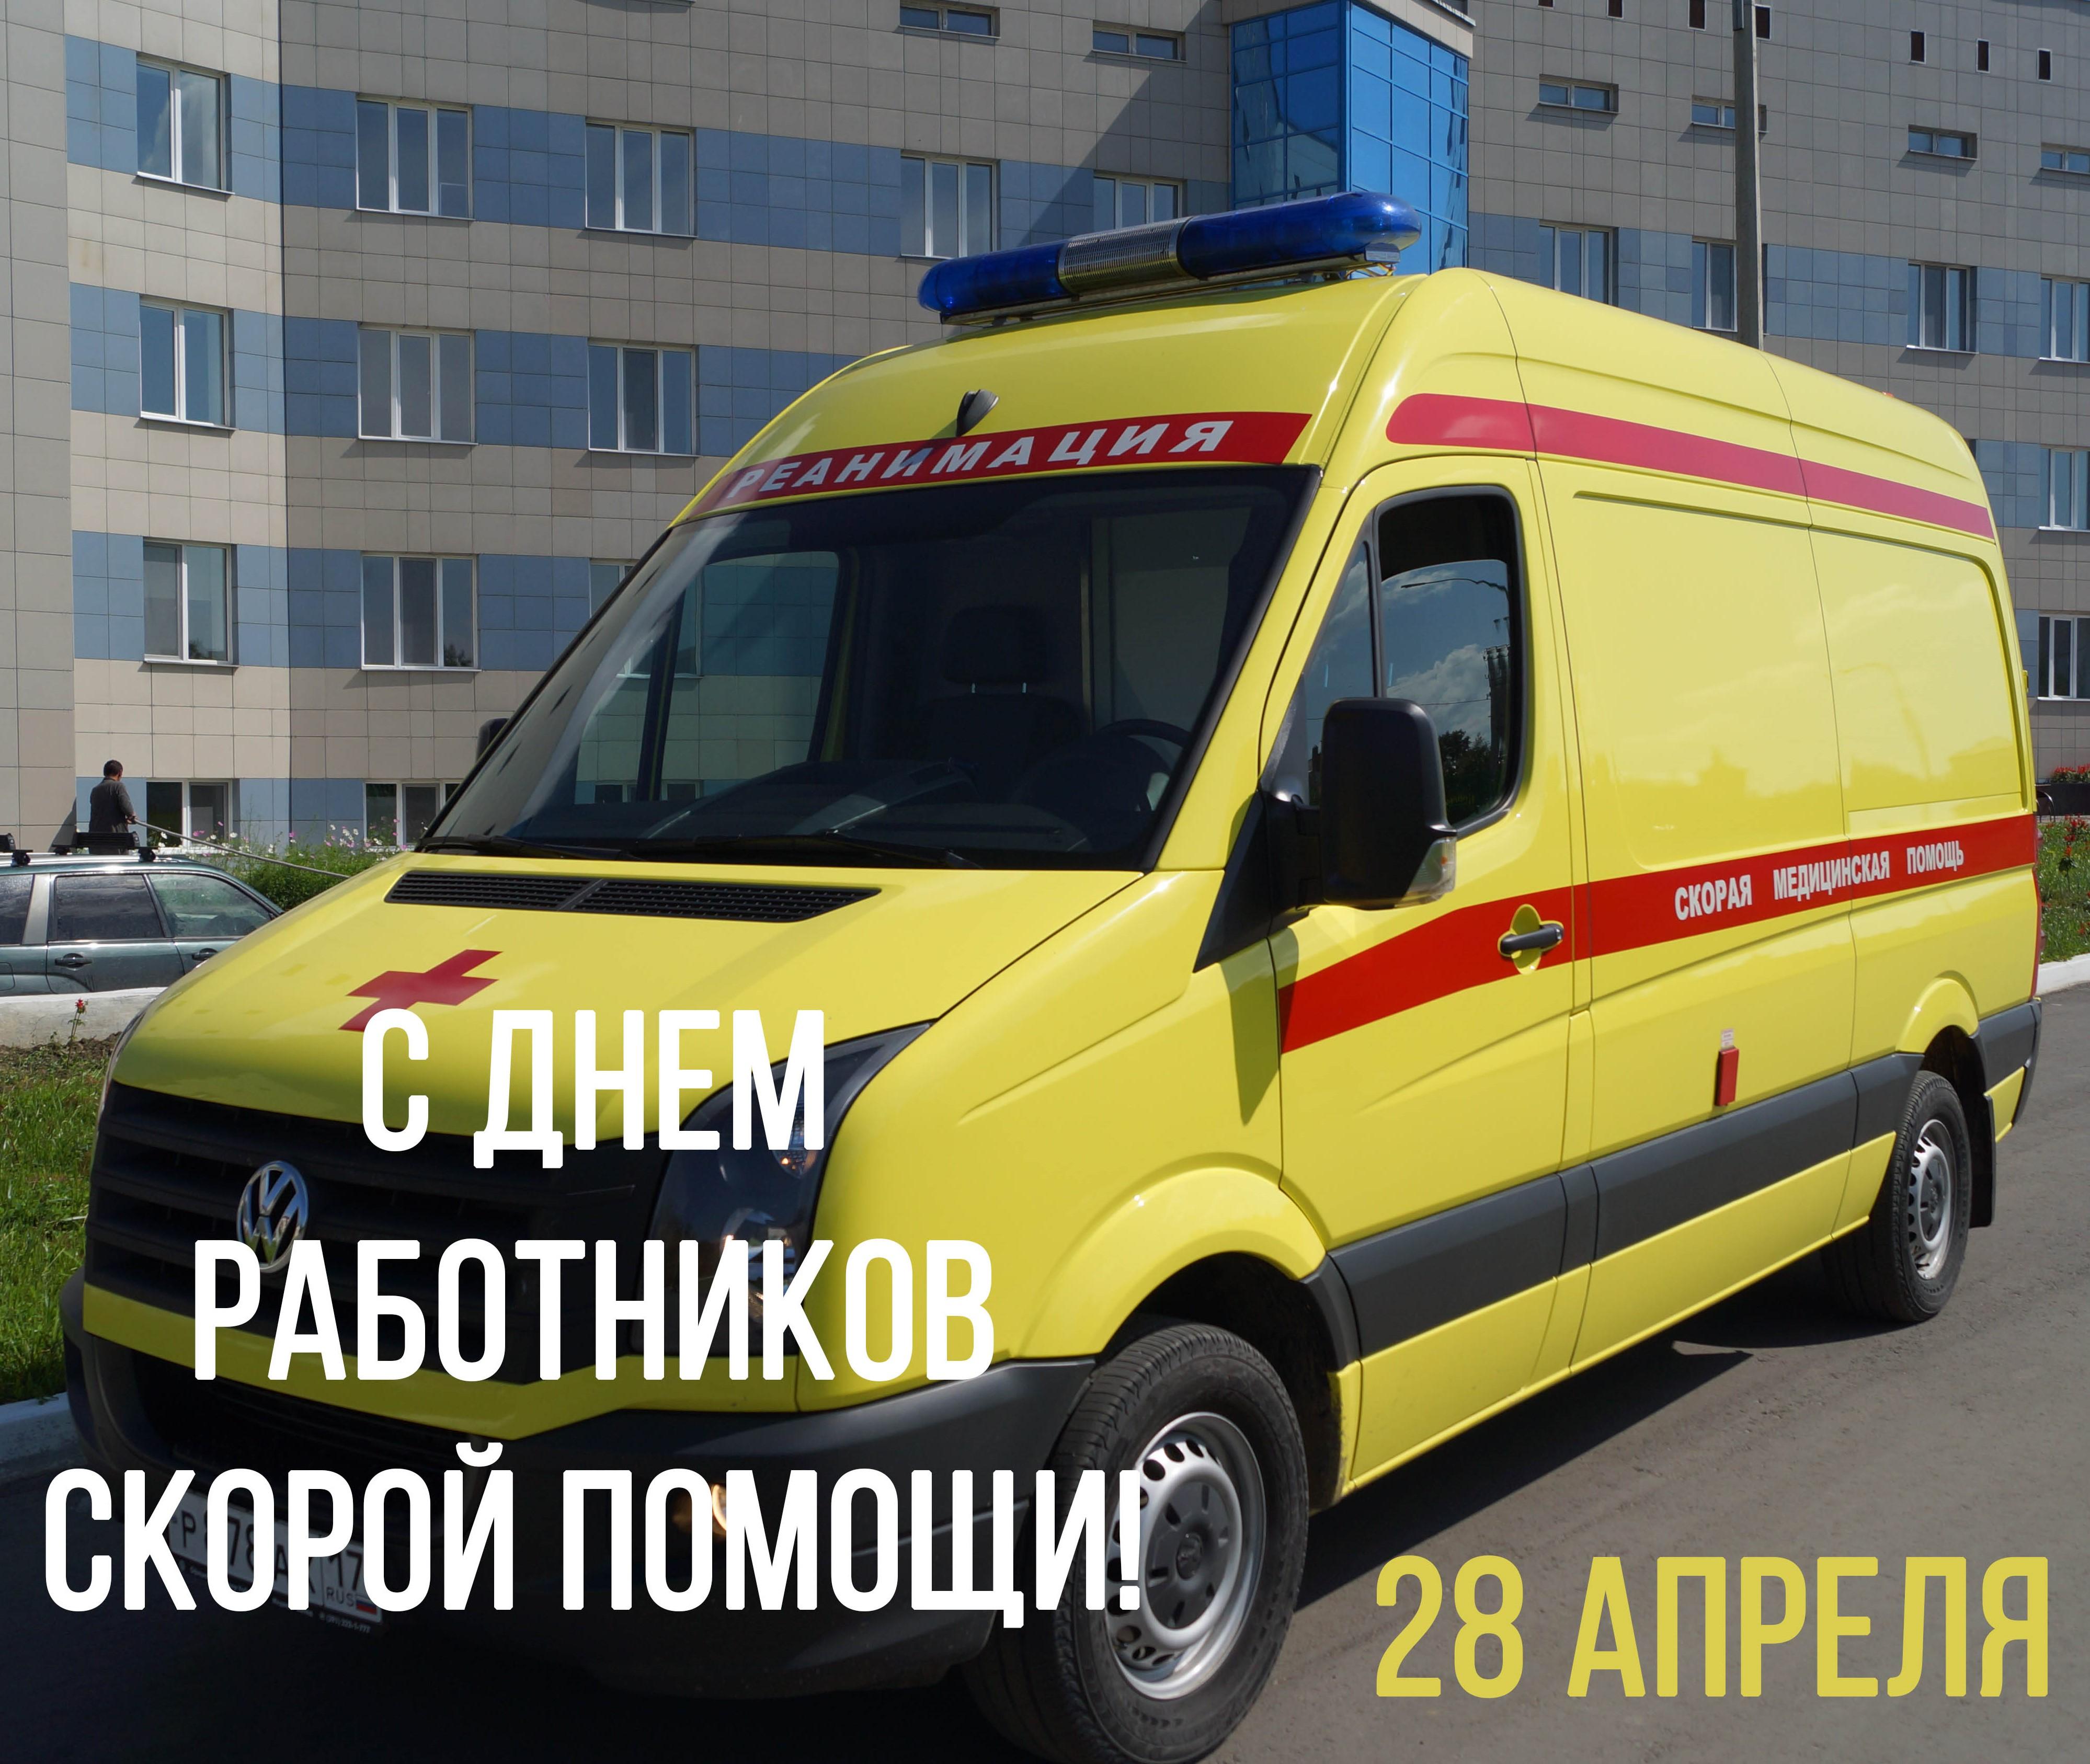 День работников скорой медицинской помощи.